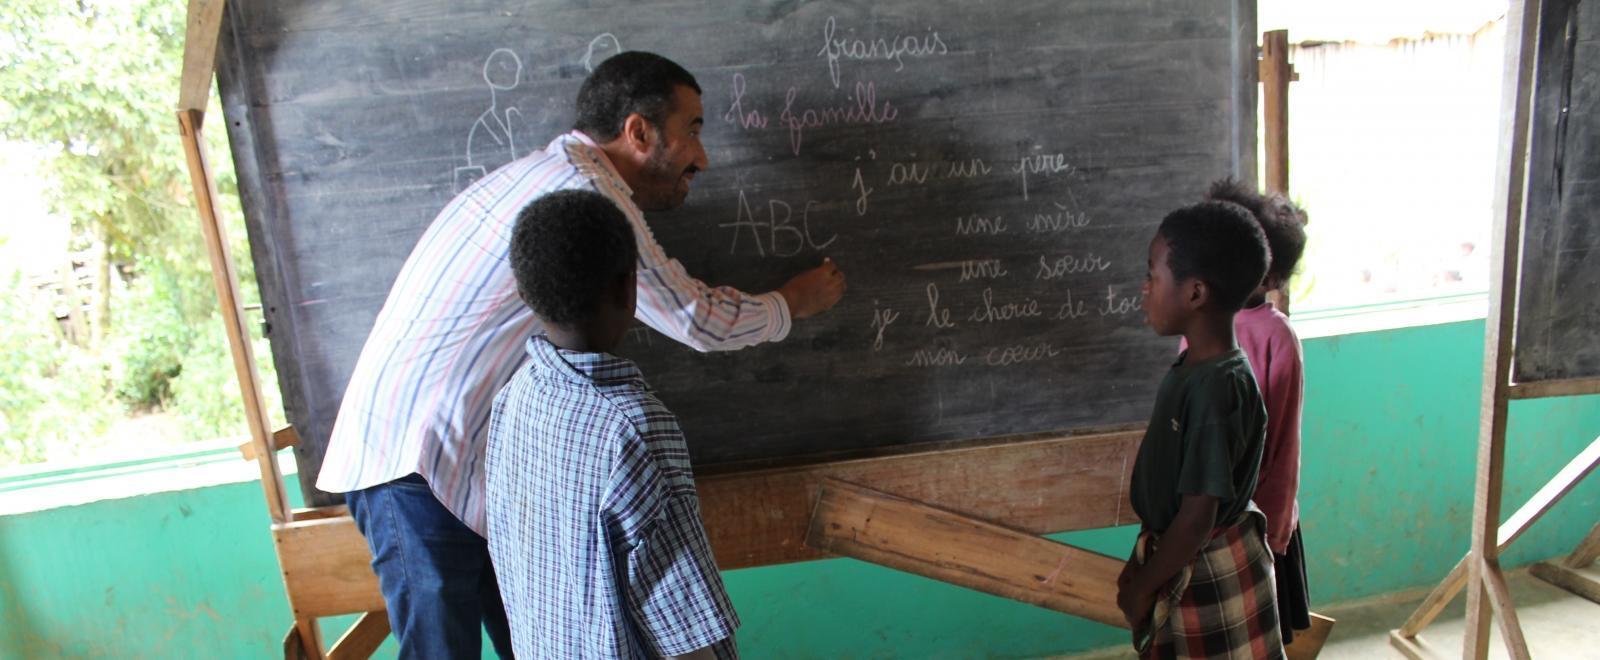 Estudiantes de Madagascar aprendiendo inglés en nuestro voluntariado educativo.